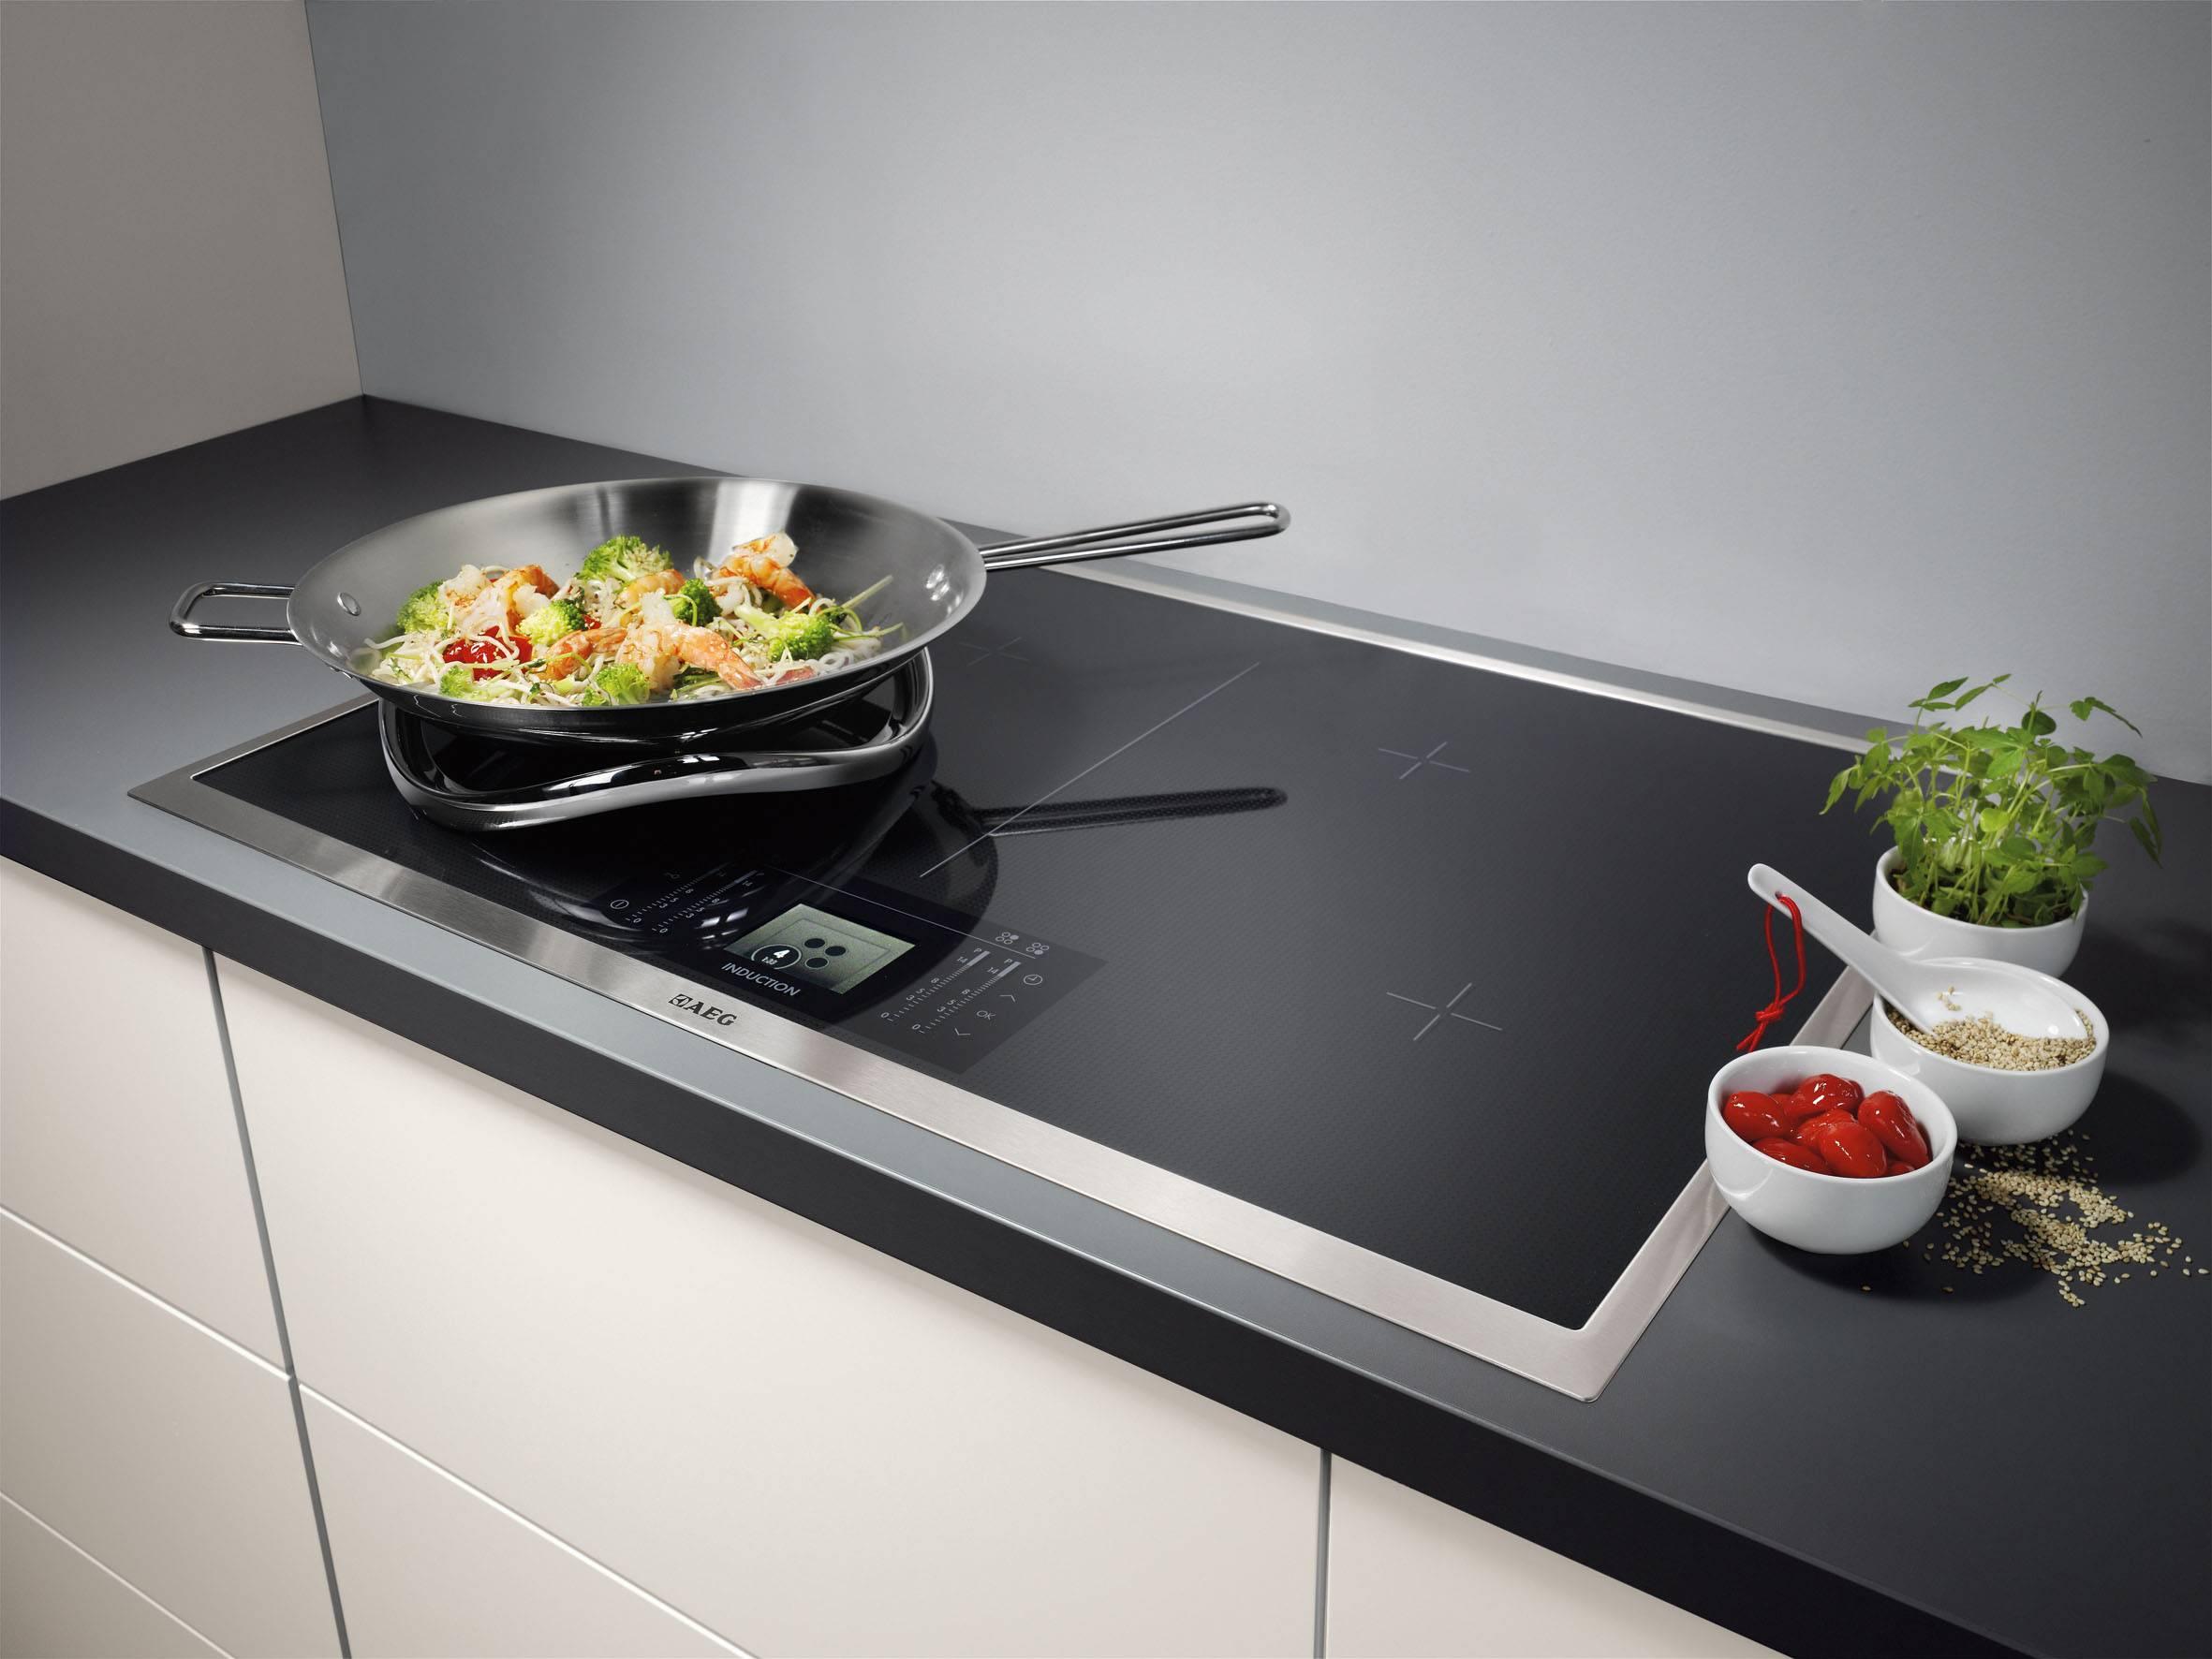 Zeer Inductie Kookplaat Kopen 2019 | Aanbieders & Aanbiedingen Vergelijken WQ77